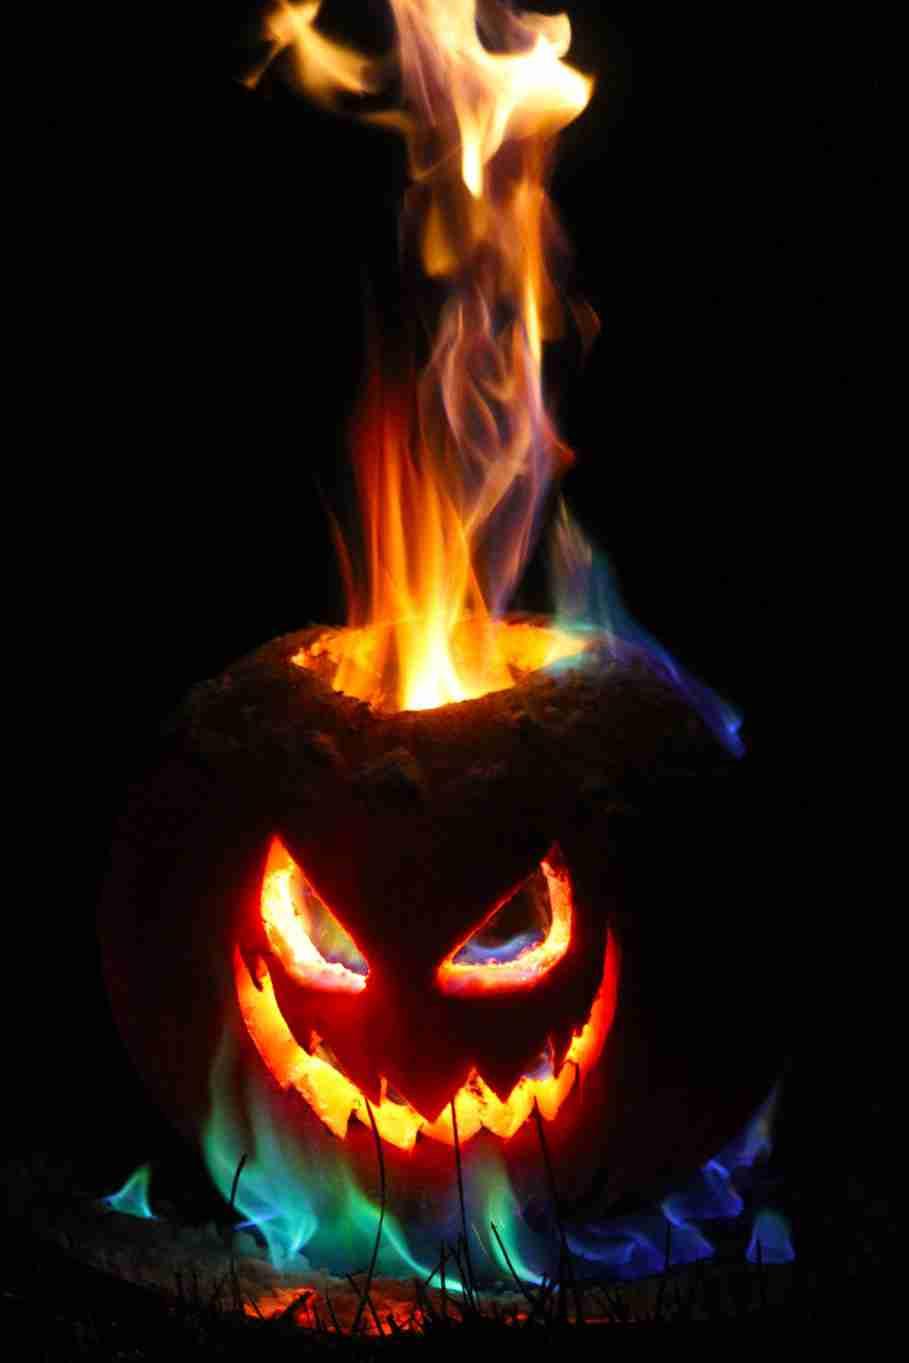 halloween flame flammable bonfire tongue heat burn blaze danger campfire